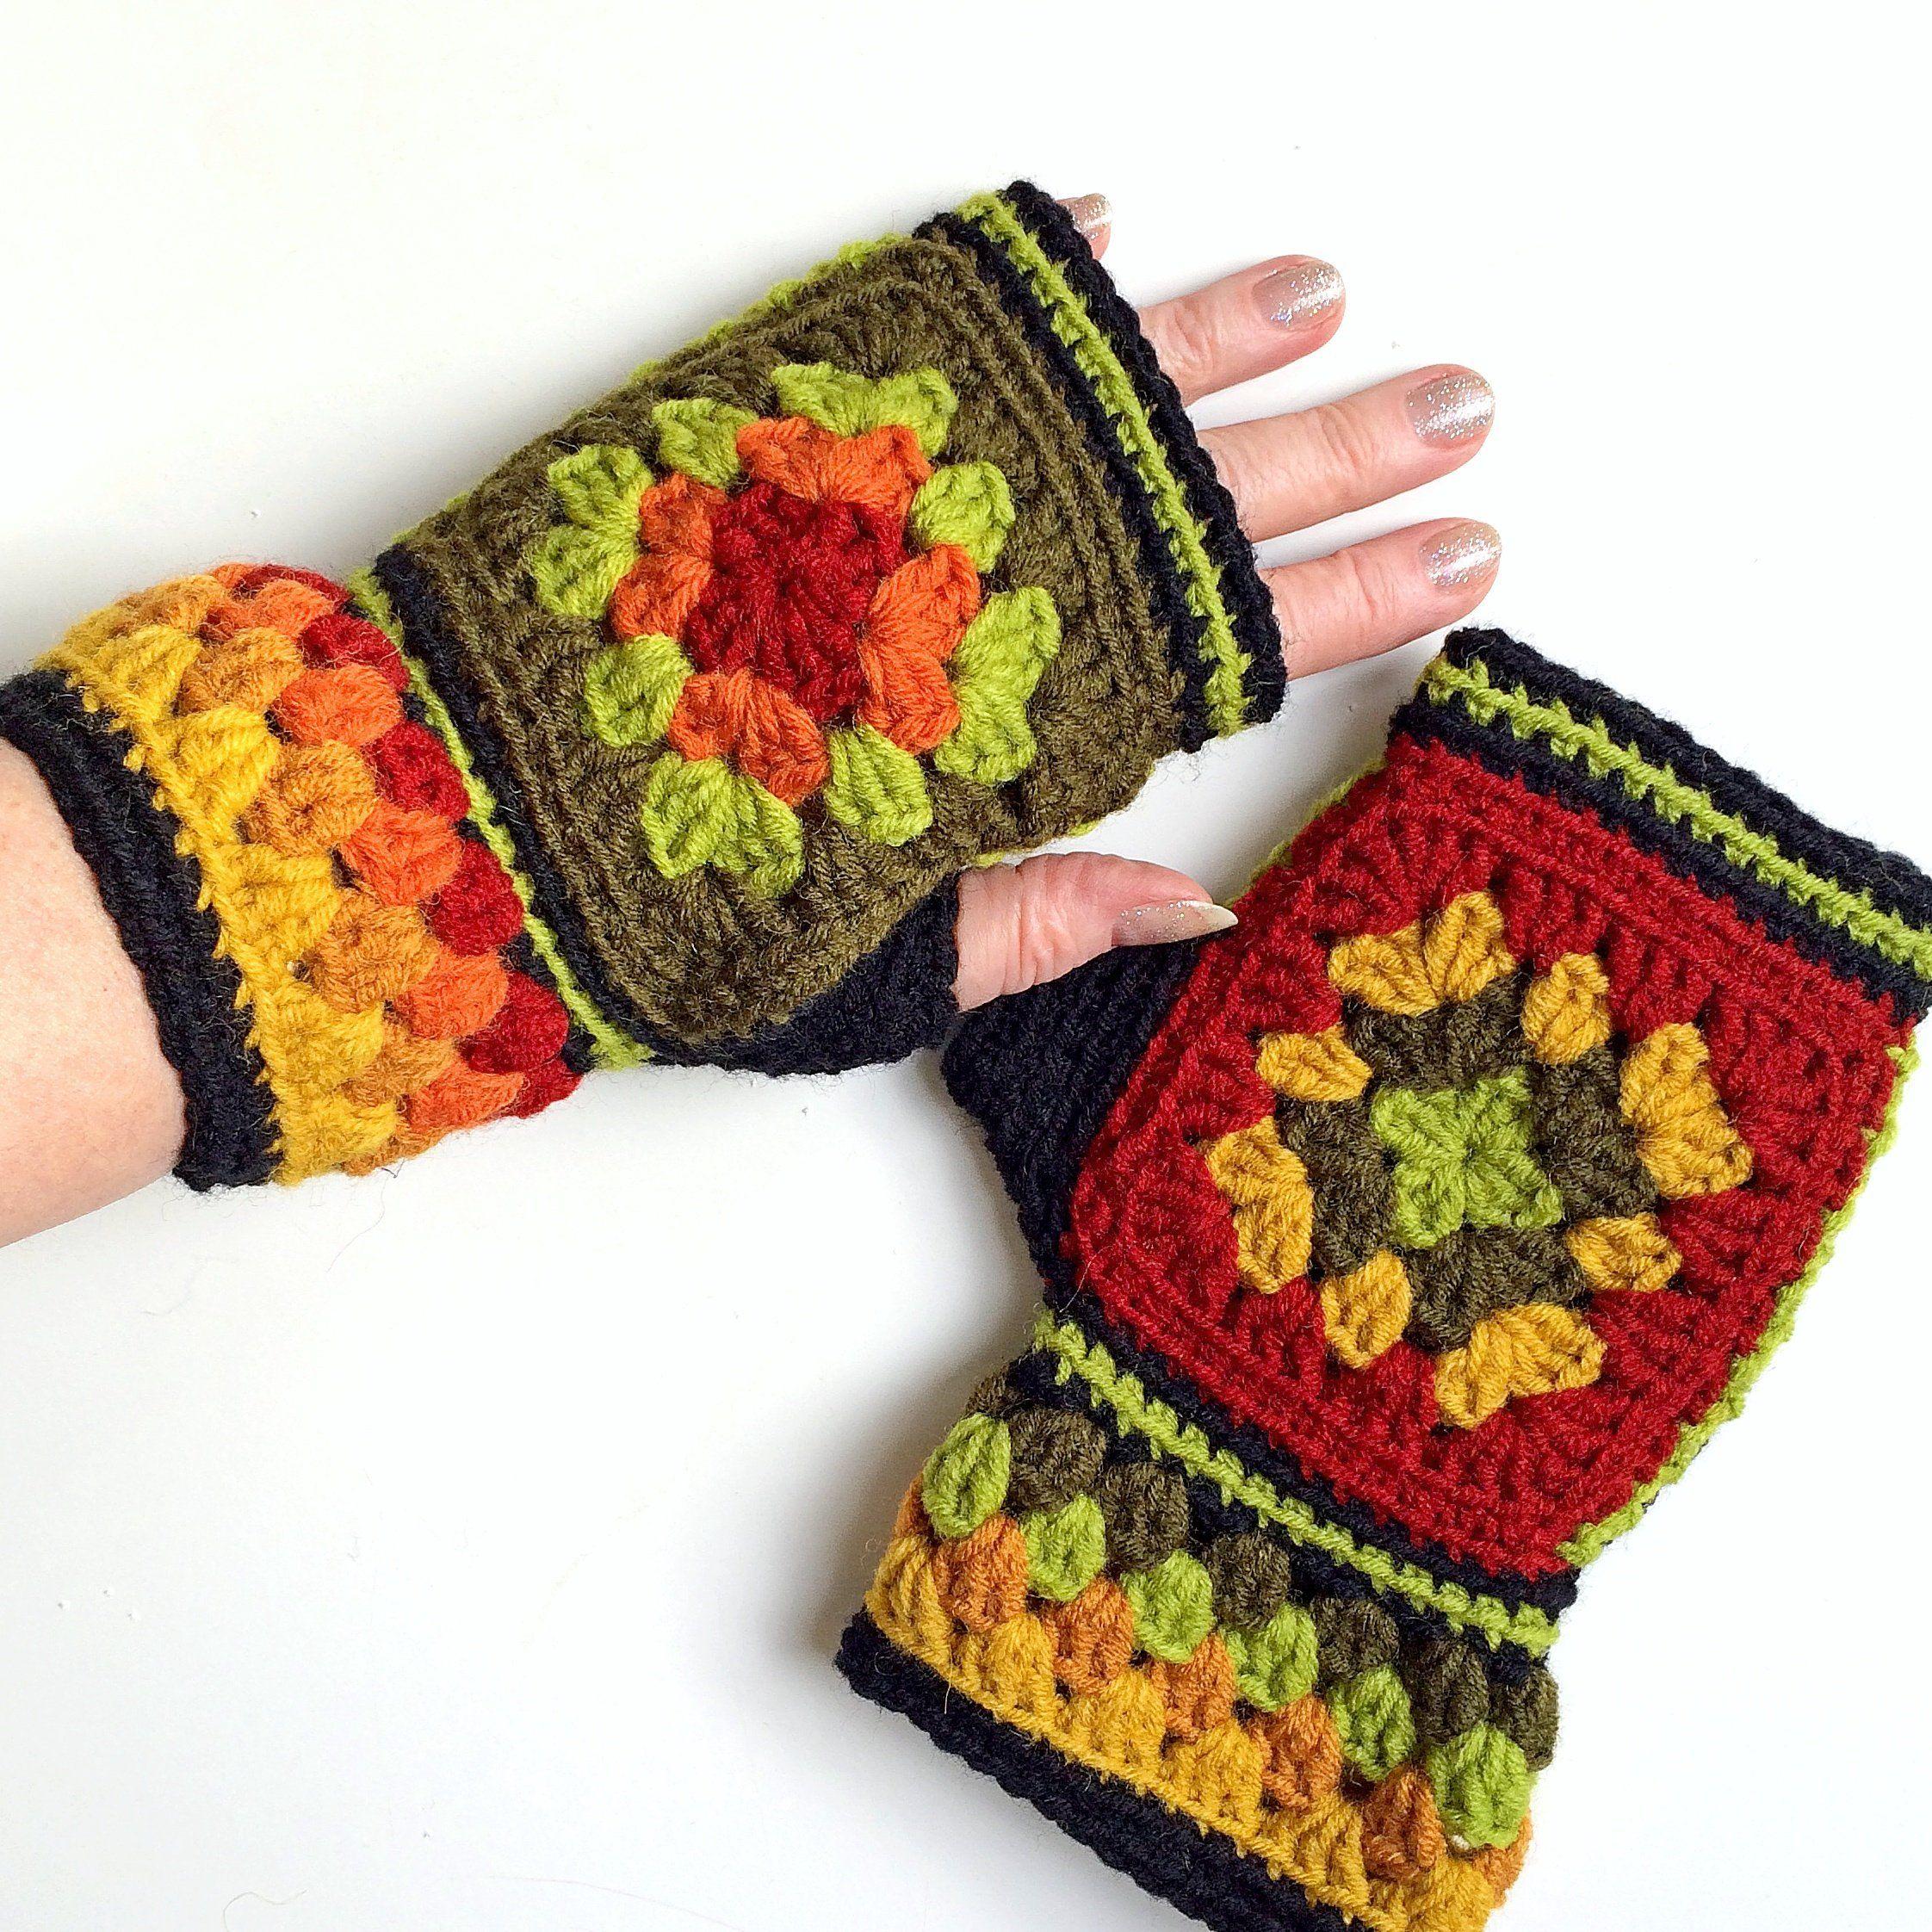 Mittens Crochet fingerless gloves Granny squares mittens | Etsy